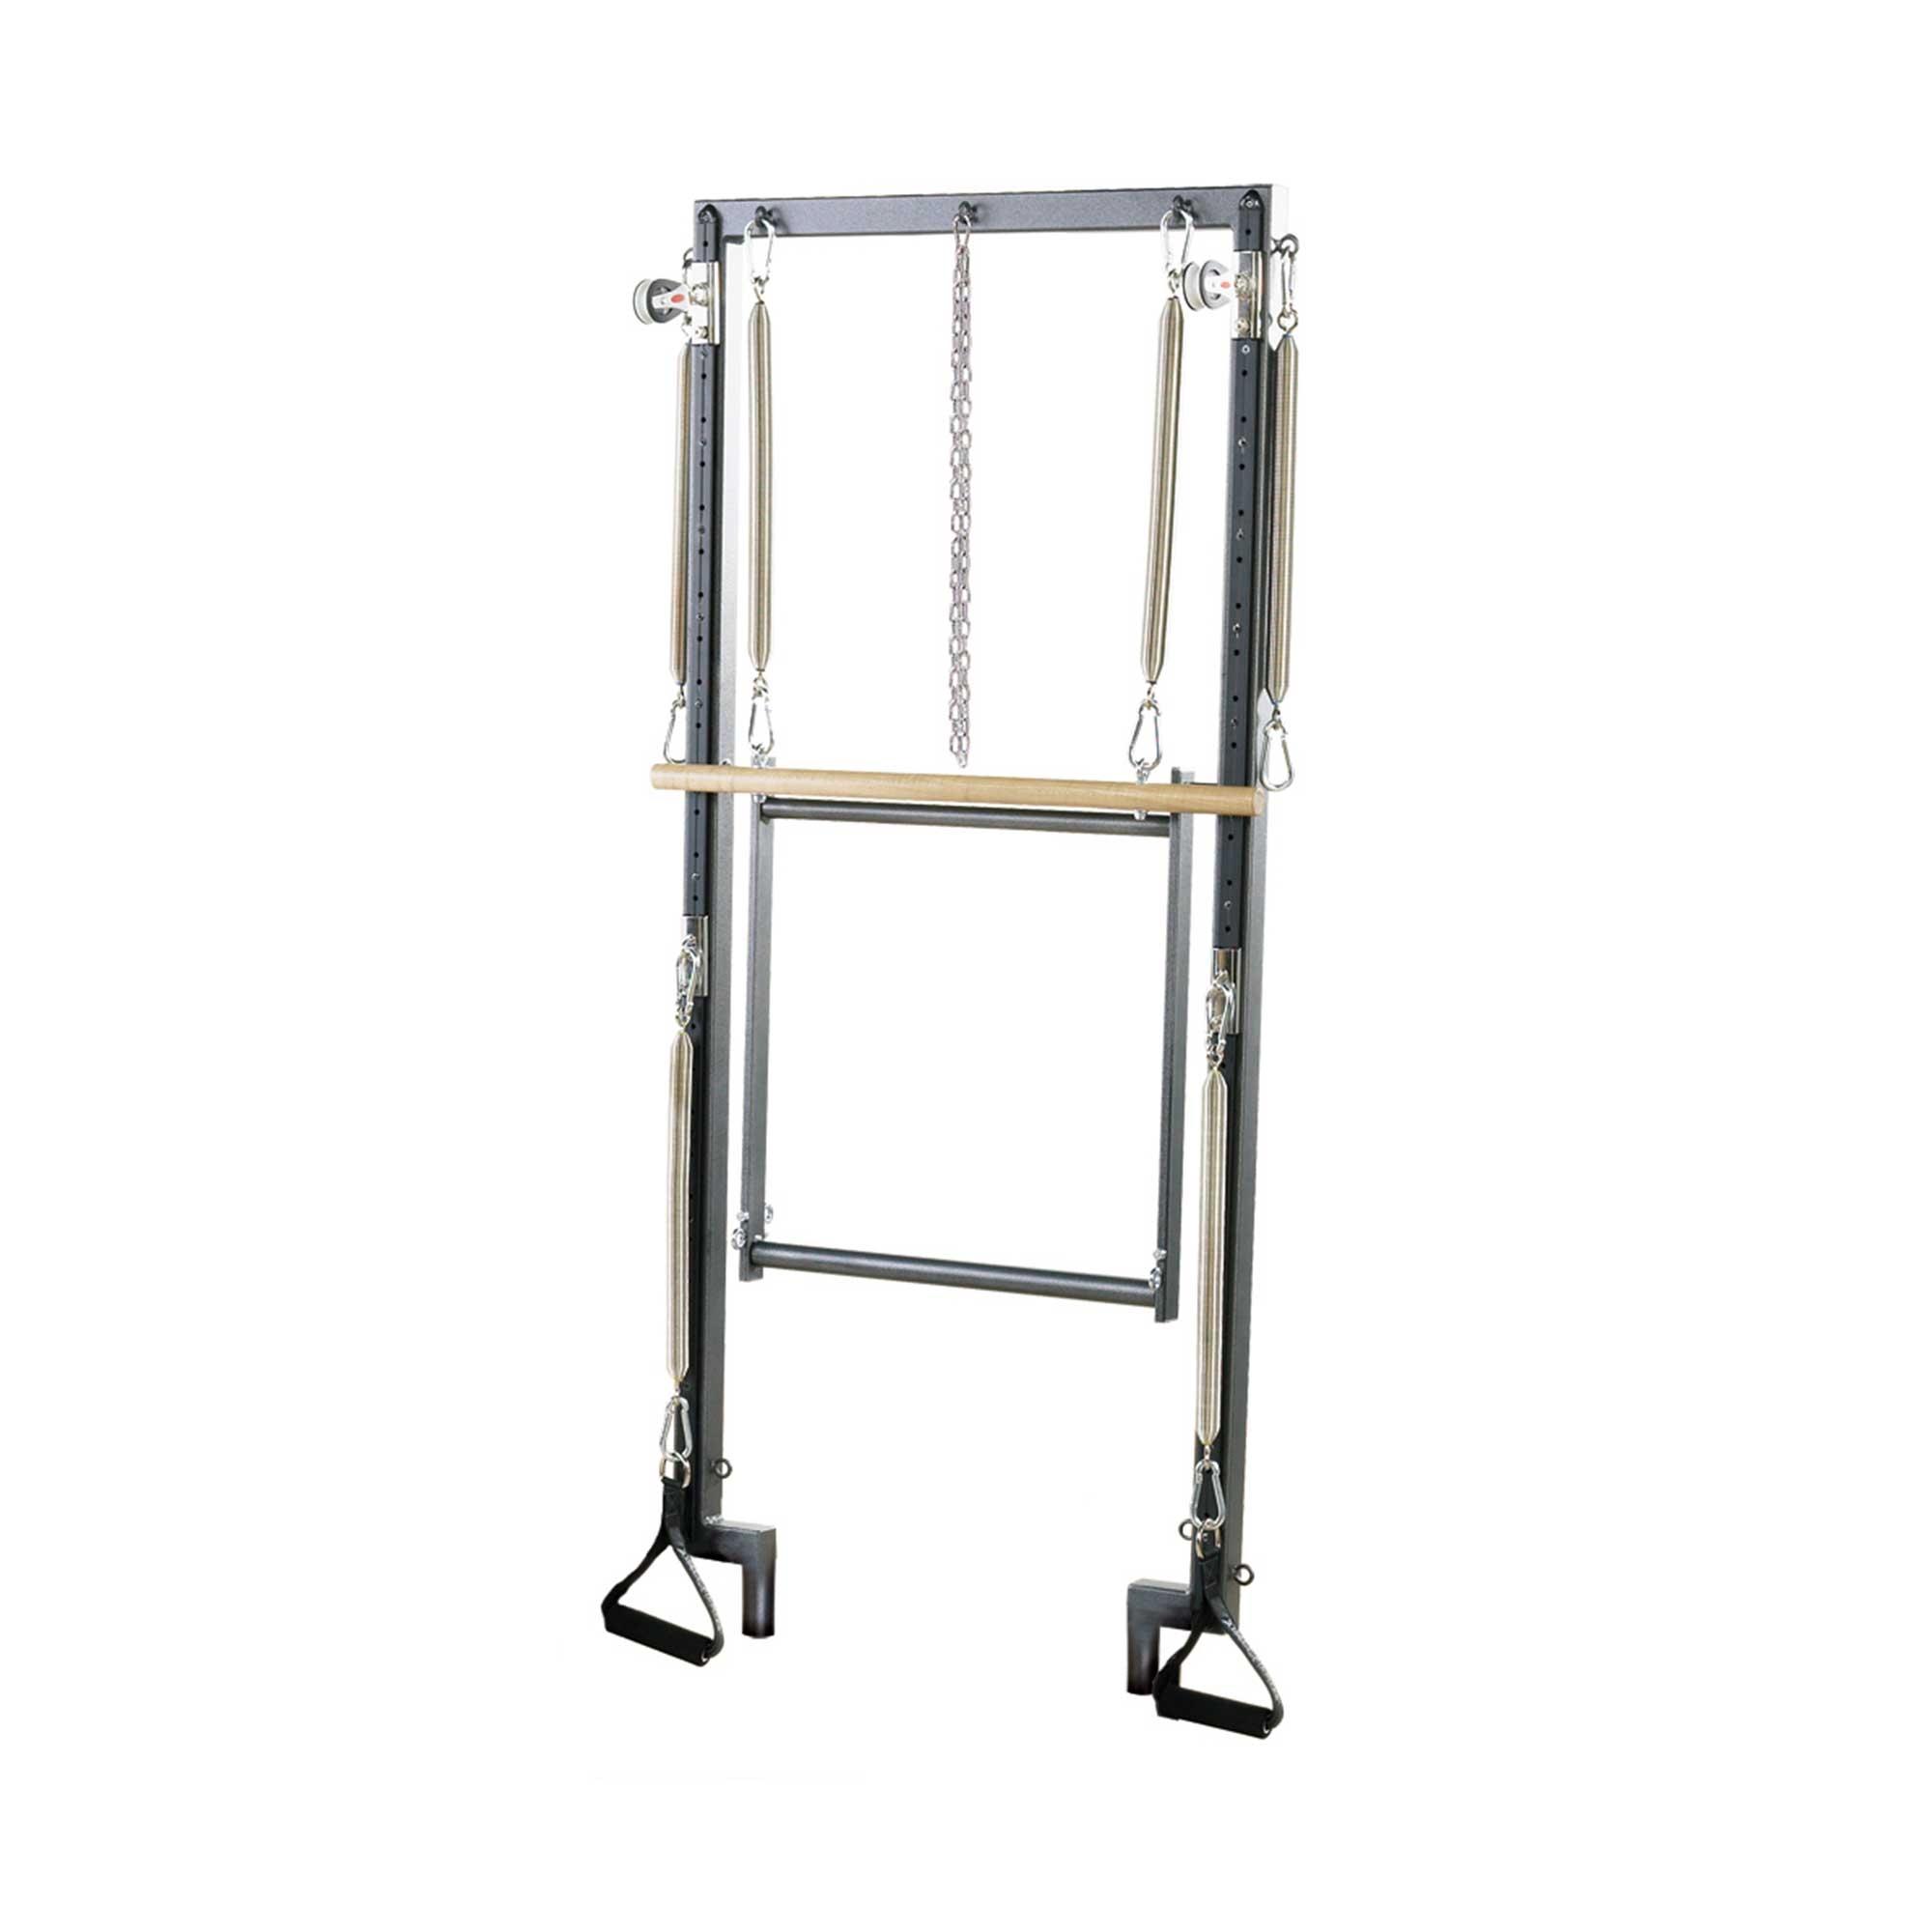 Merrithew Pilates Reformer Vertical Frames